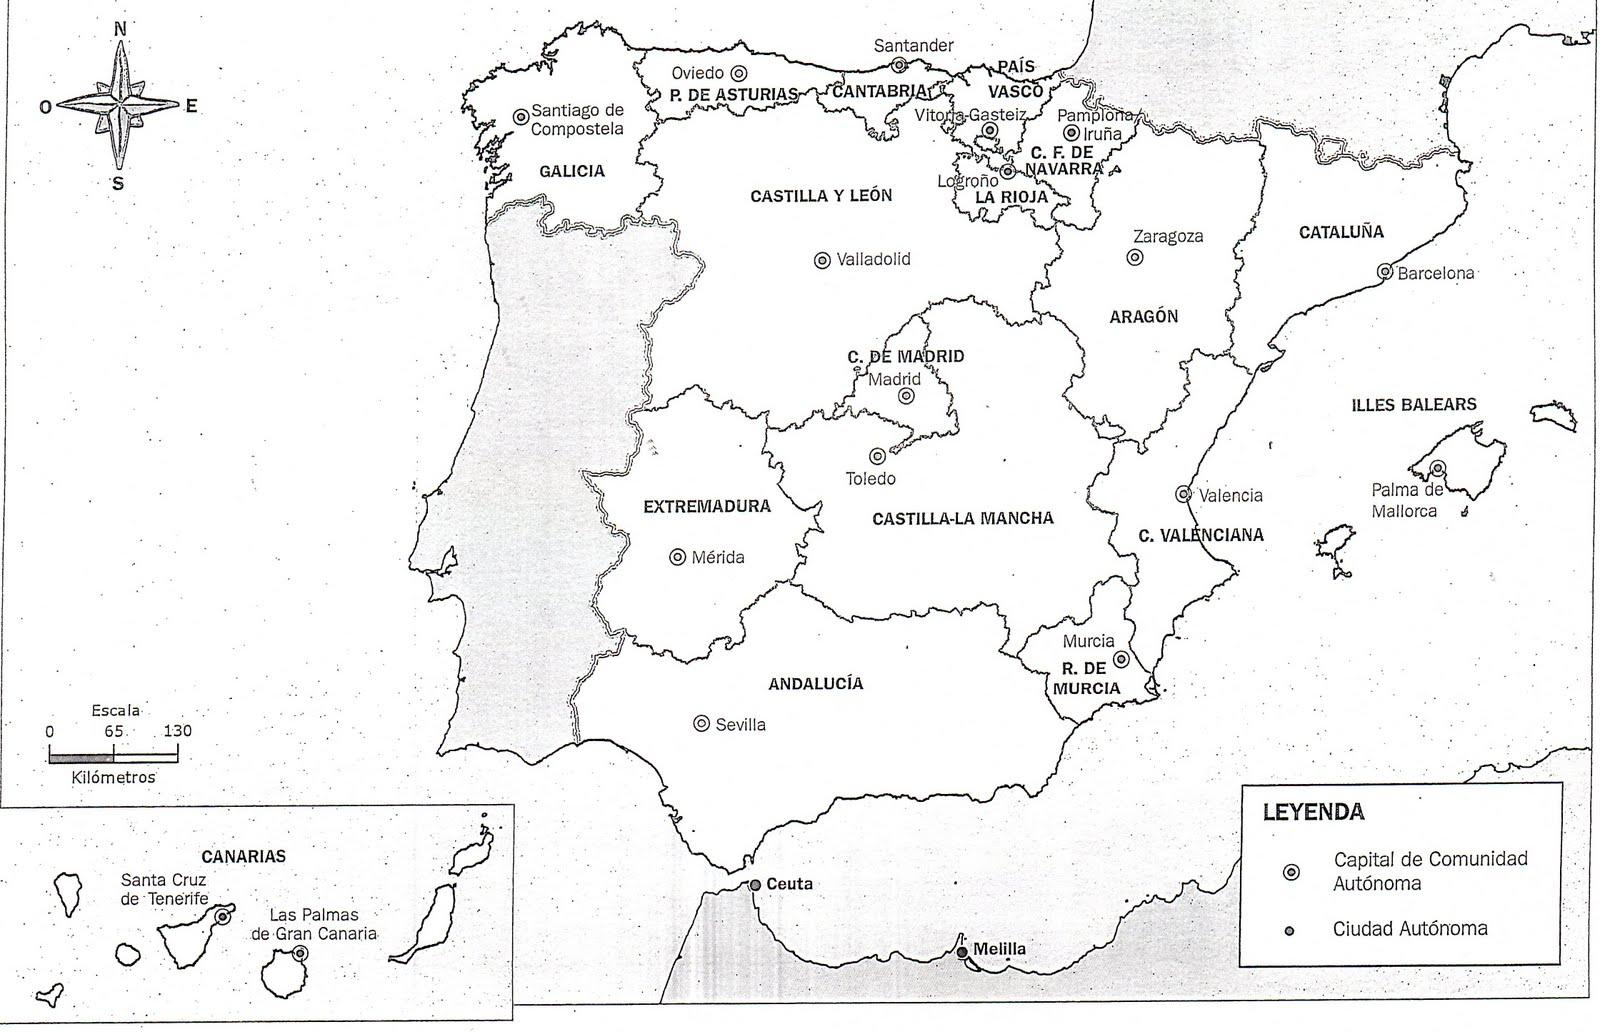 Mapa de Espaa fsico con provincias o ros para imprimir